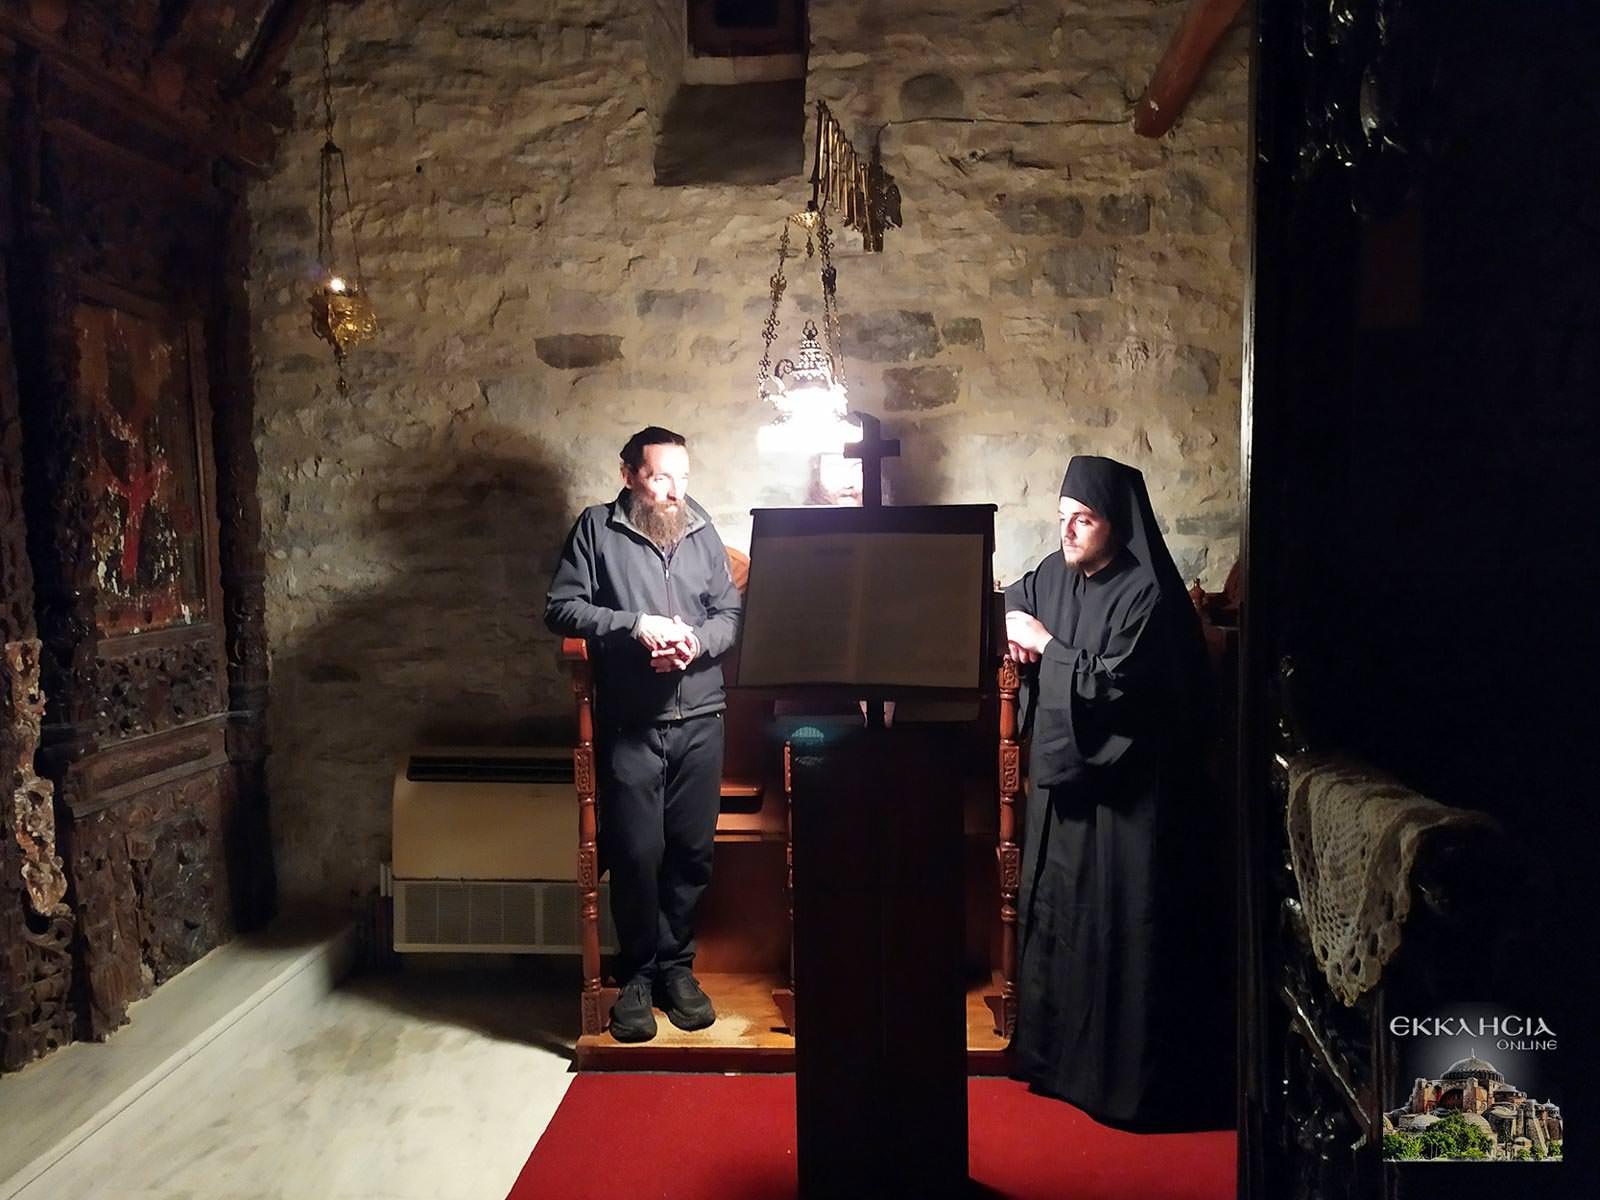 Αγρυπνία Ιερά Μονή Αγίας Μαρίνας Χαραυγής